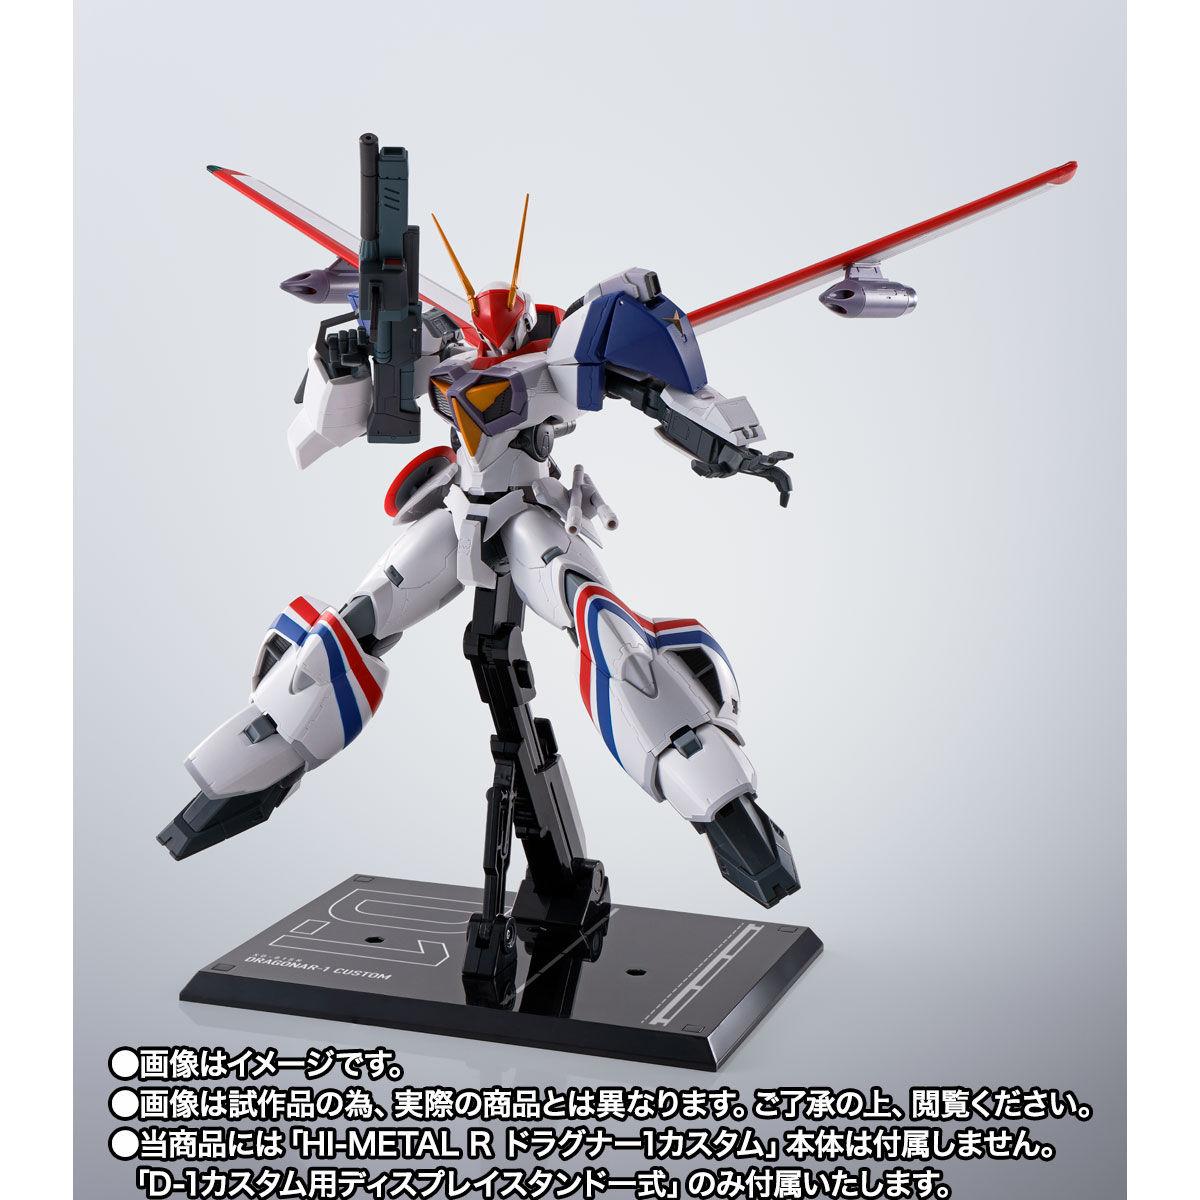 【限定販売】HI-METAL R『ドラグナー3』機甲戦記ドラグナー 可動フィギュア-009